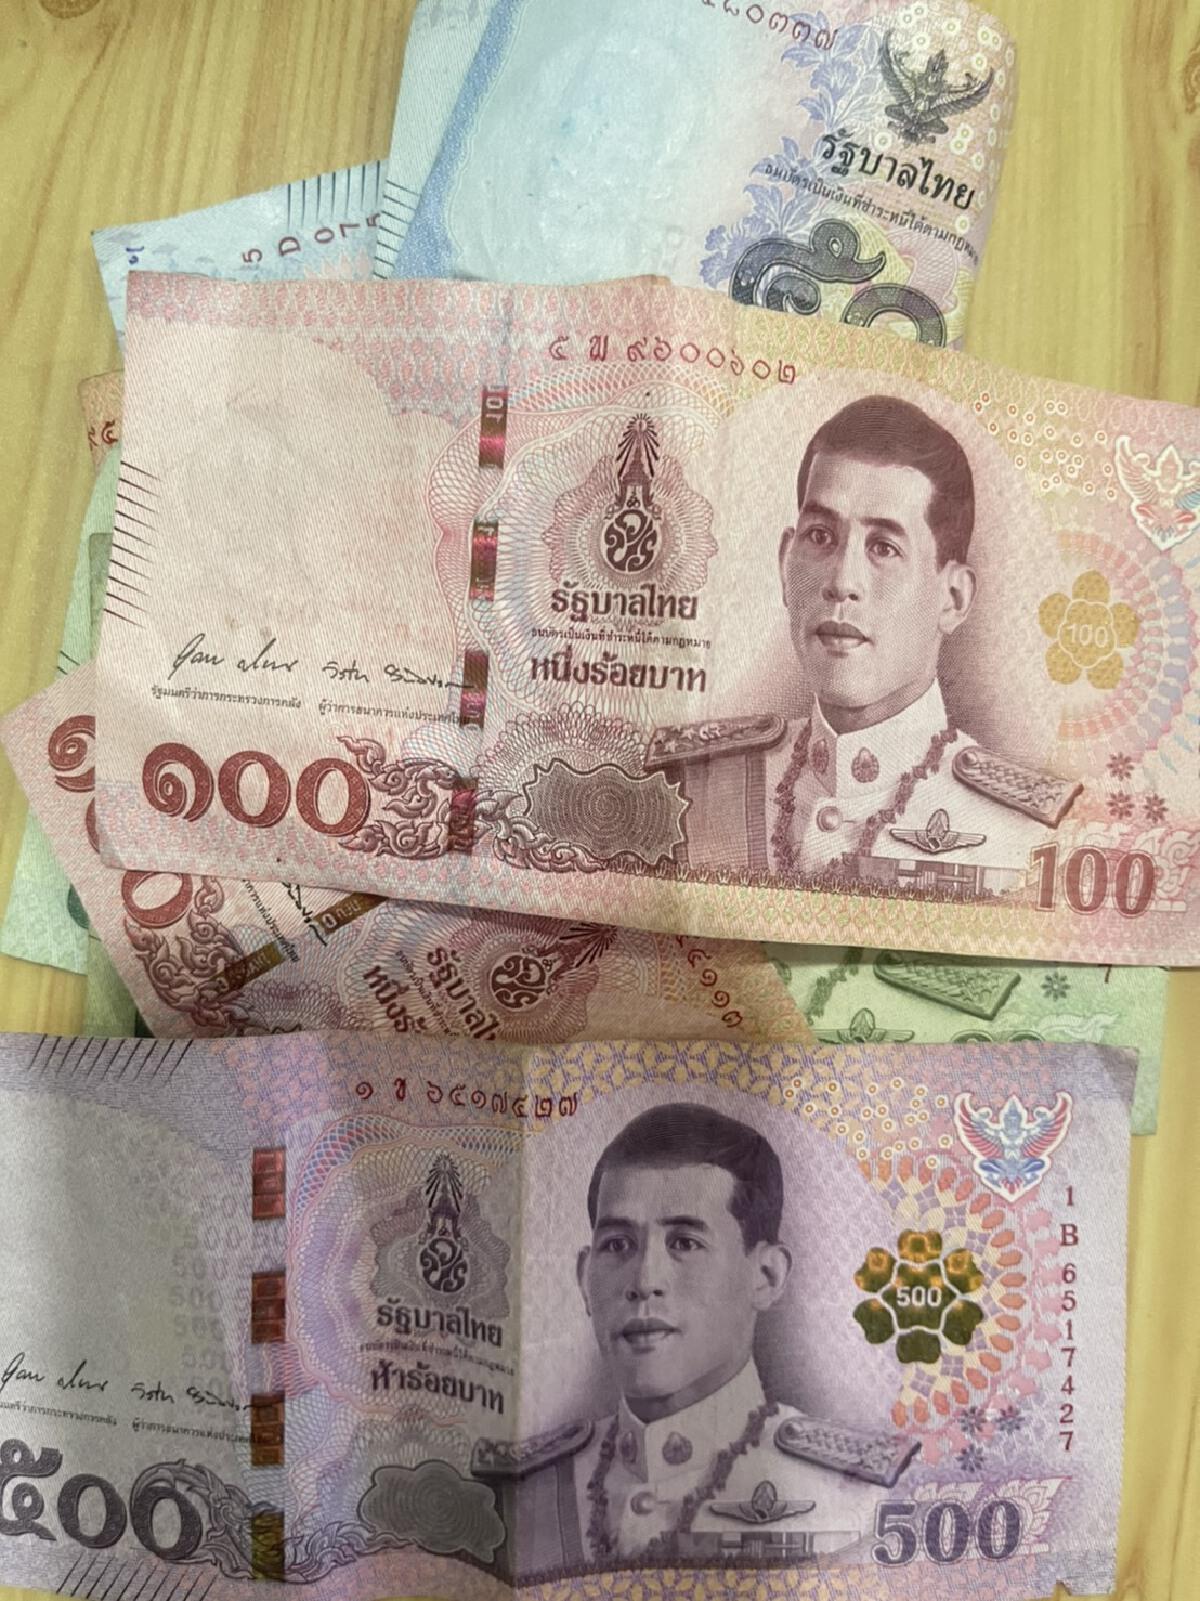 โควิด-19 ทำคนไทยเป็นหนี้นอกระบบมากขึ้น